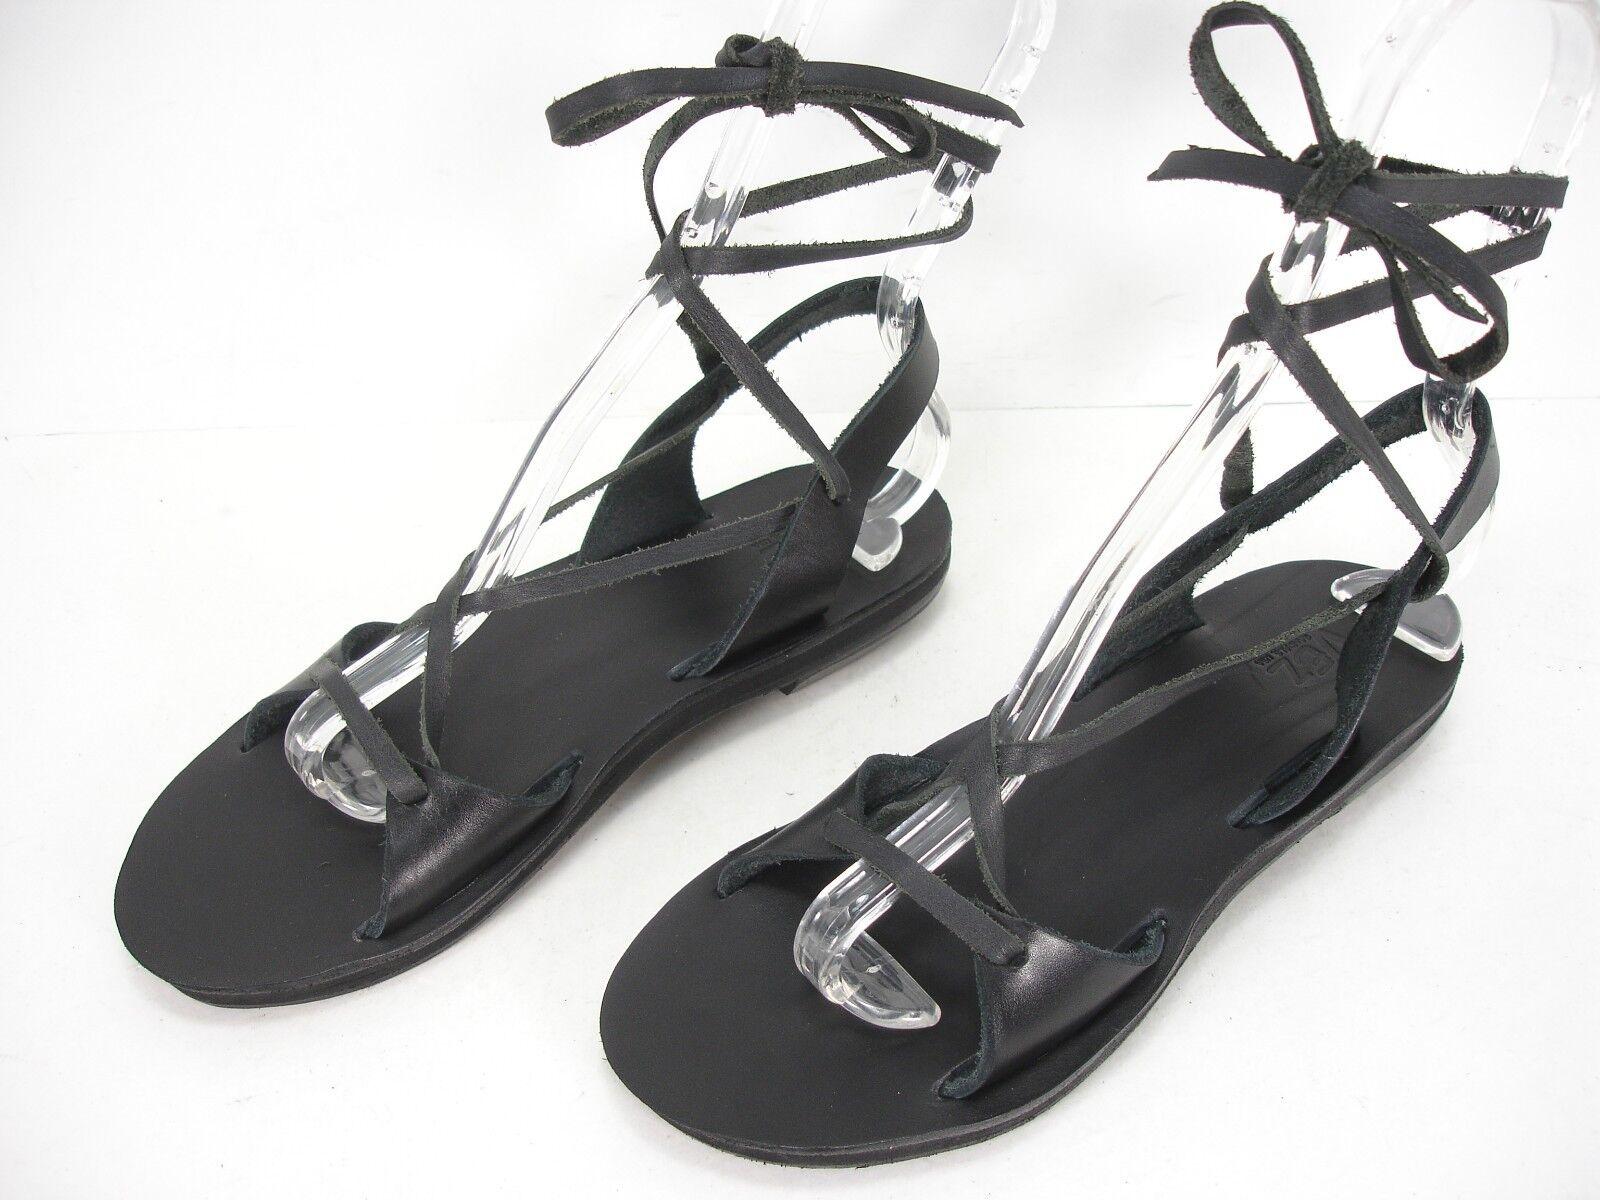 Nuevo Sandalias Sandalias Sandalias de EE. UU. hecho a Mano Cuero Negro vez Puntera Abierta con Cordones Sandalias De Mujer 8  alta calidad y envío rápido